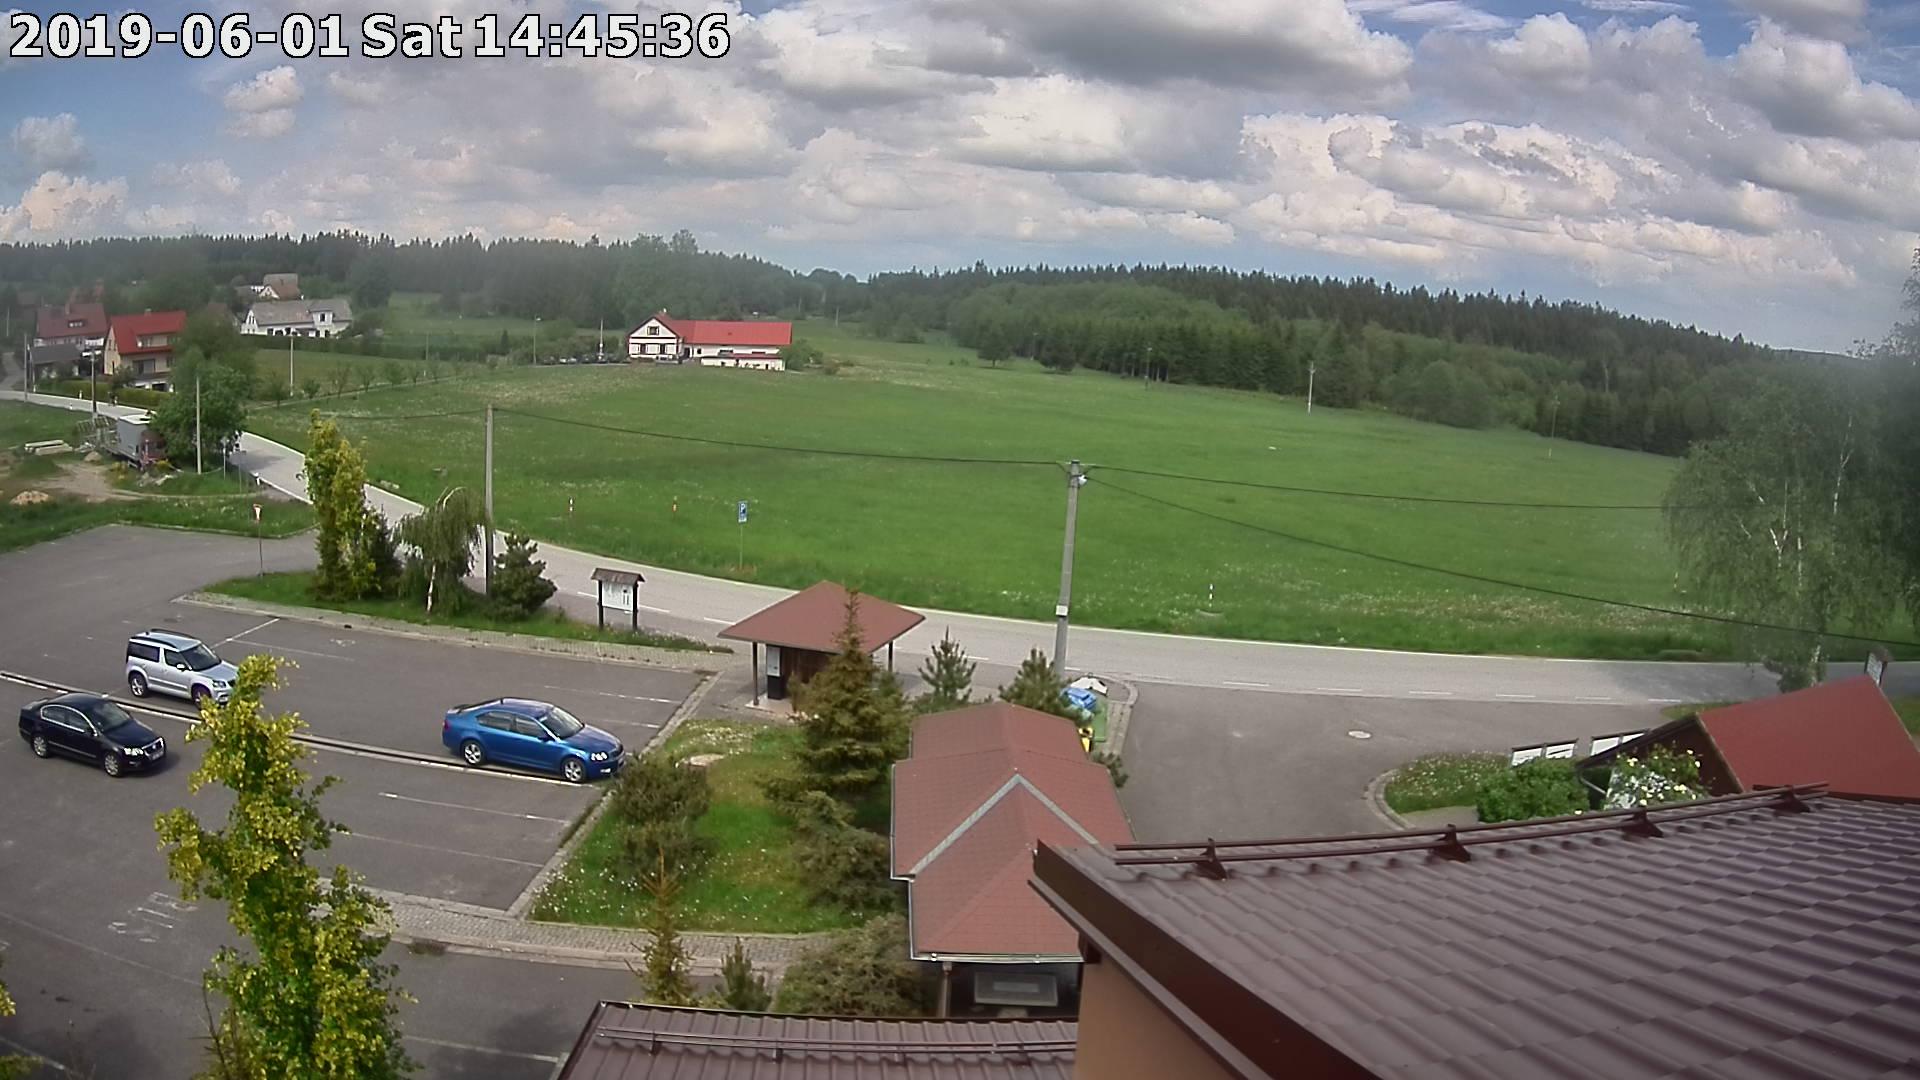 Webkamera ze dne 2019-06-01